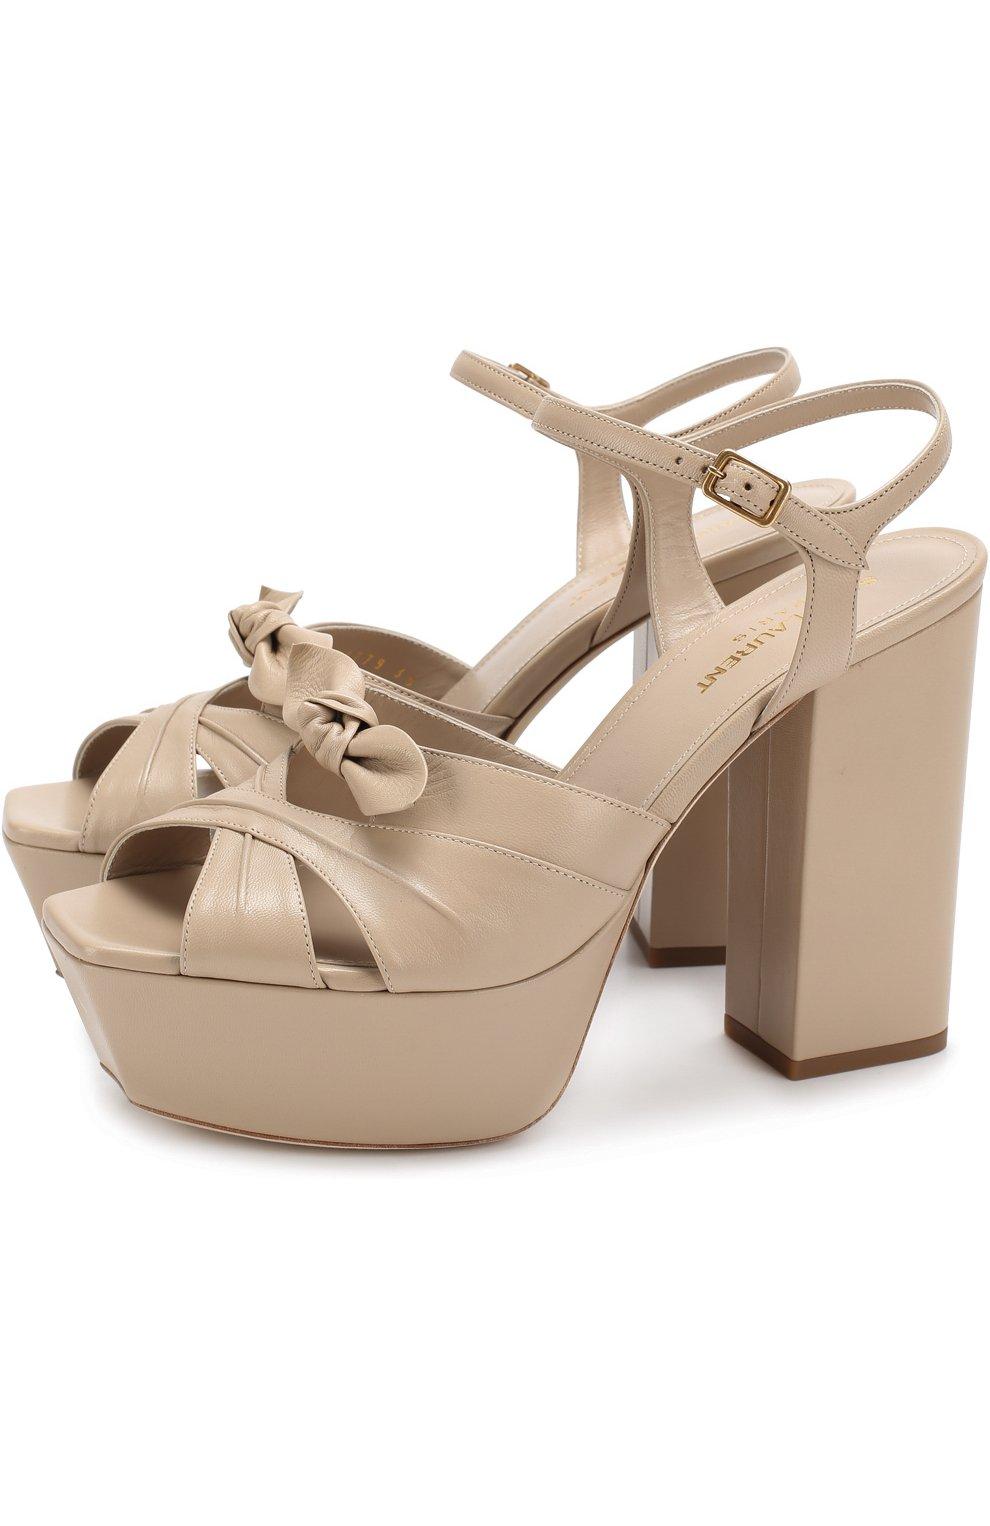 59db78321f25 Женские бежевые кожаные босоножки farrah на устойчивом каблуке и ...